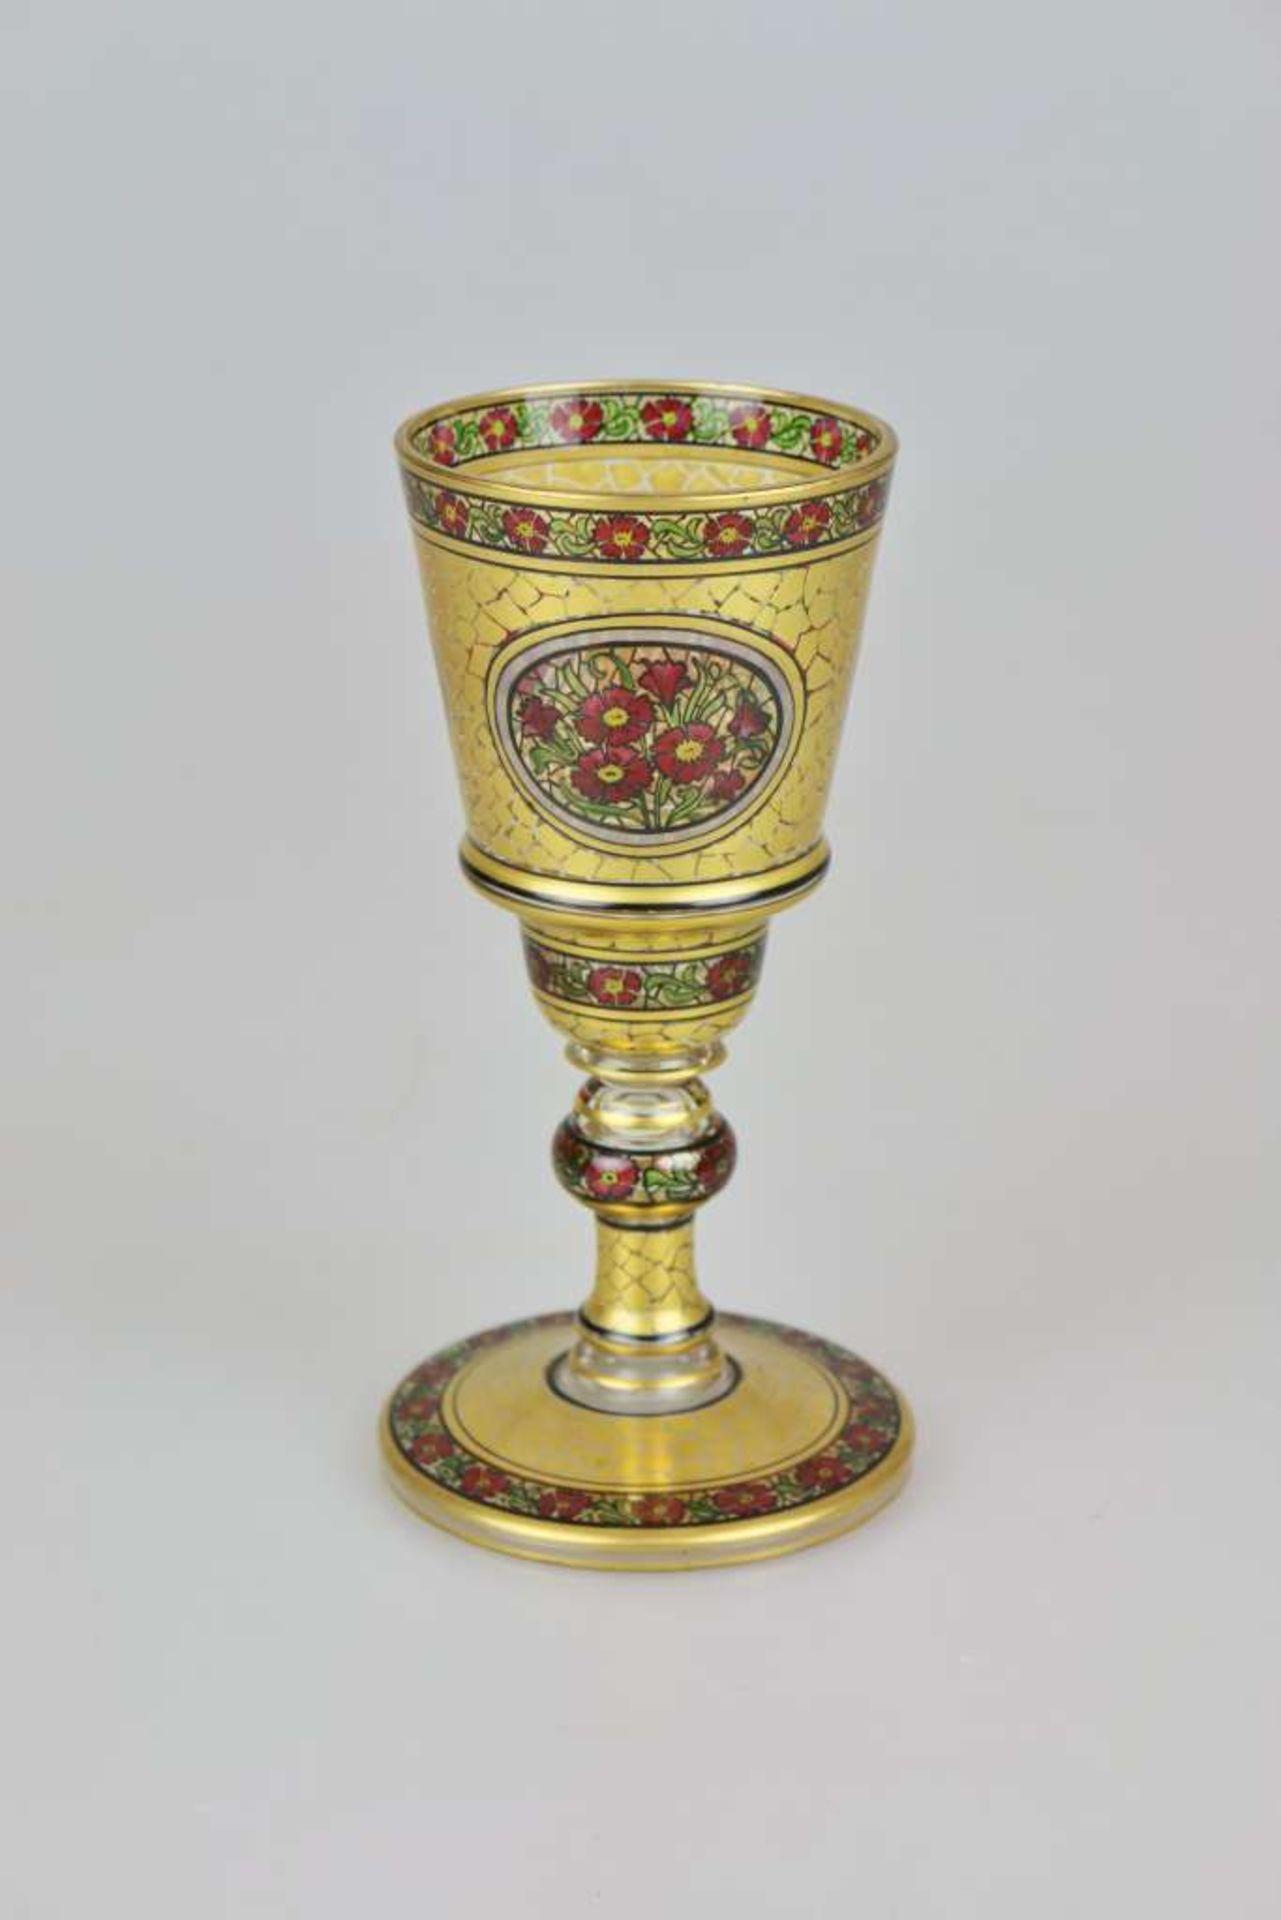 Glaspokal, Julius Mühlhaus & Co, Haida, Goldauflage mit in gerahmten Medaillons eingefügten